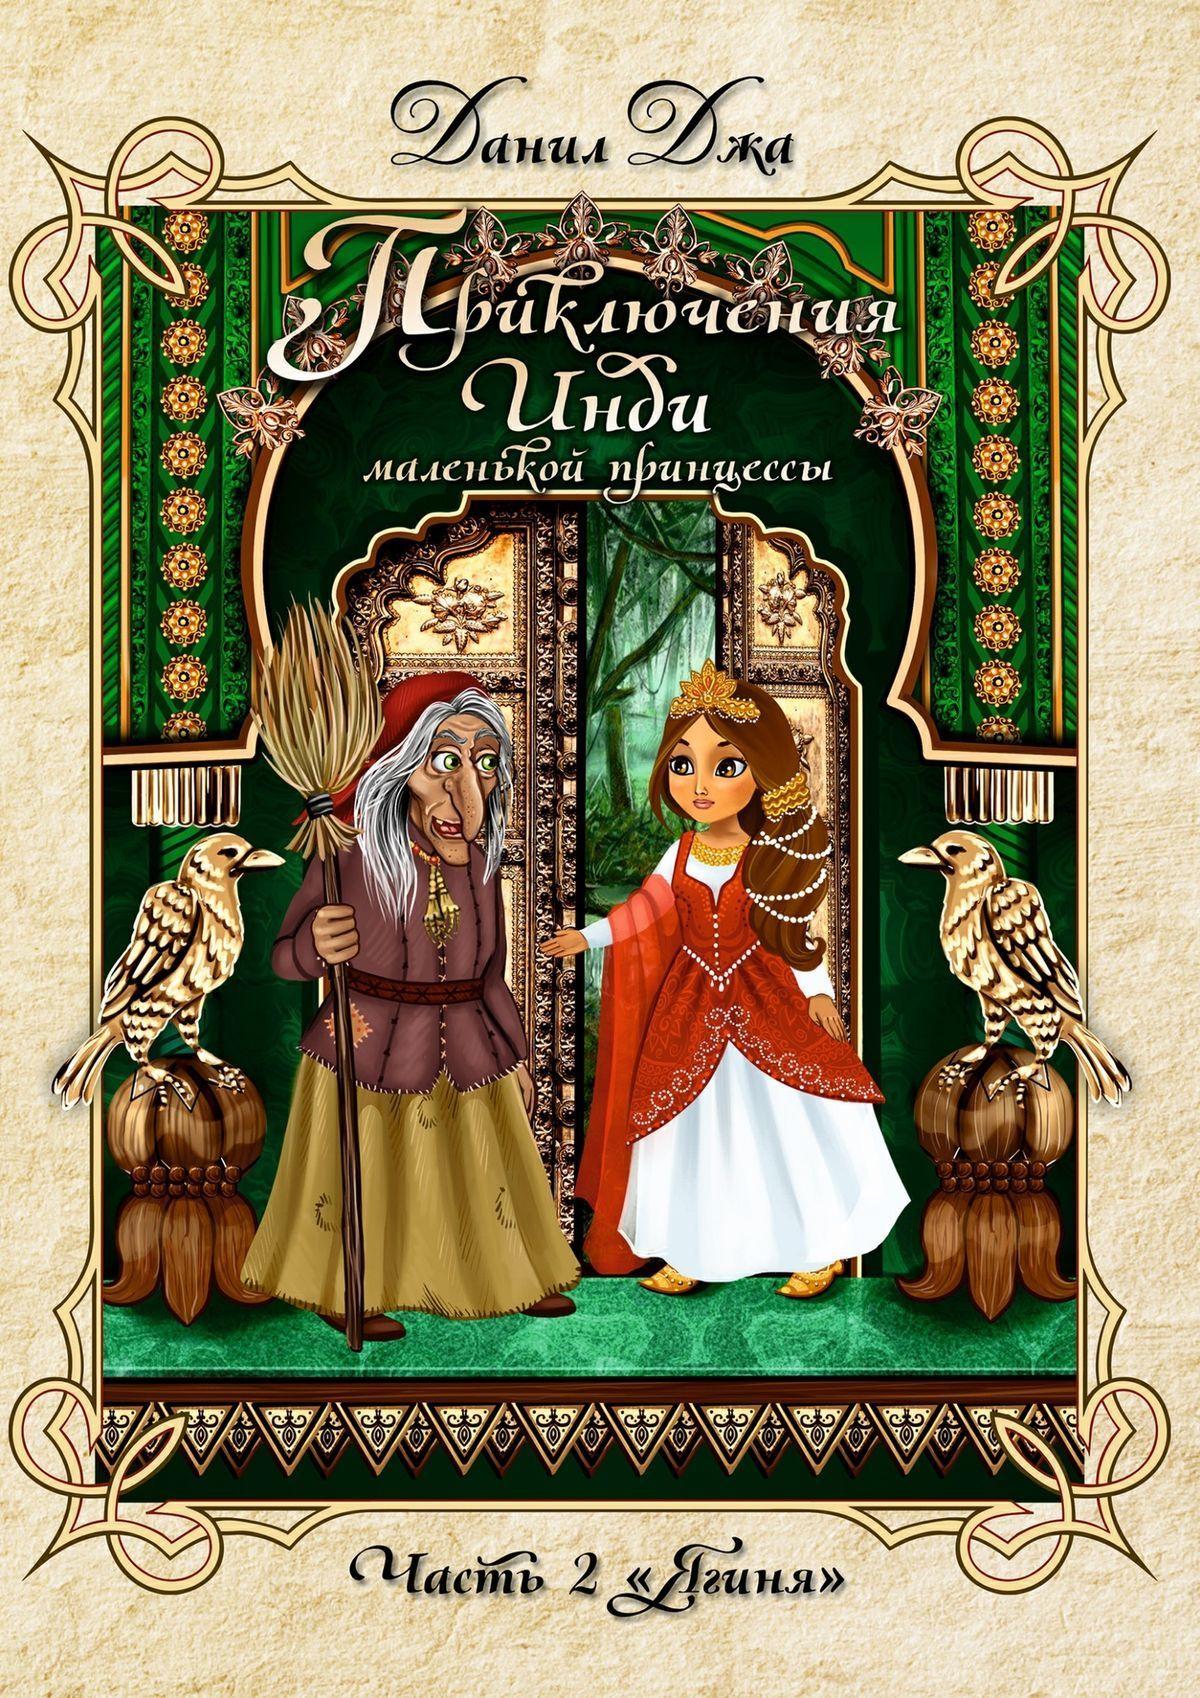 Данил Джа Приключения Инди, маленькой принцессы. Часть вторая «Ягиня» мухаммад таки джа фари благоразумная жизнь